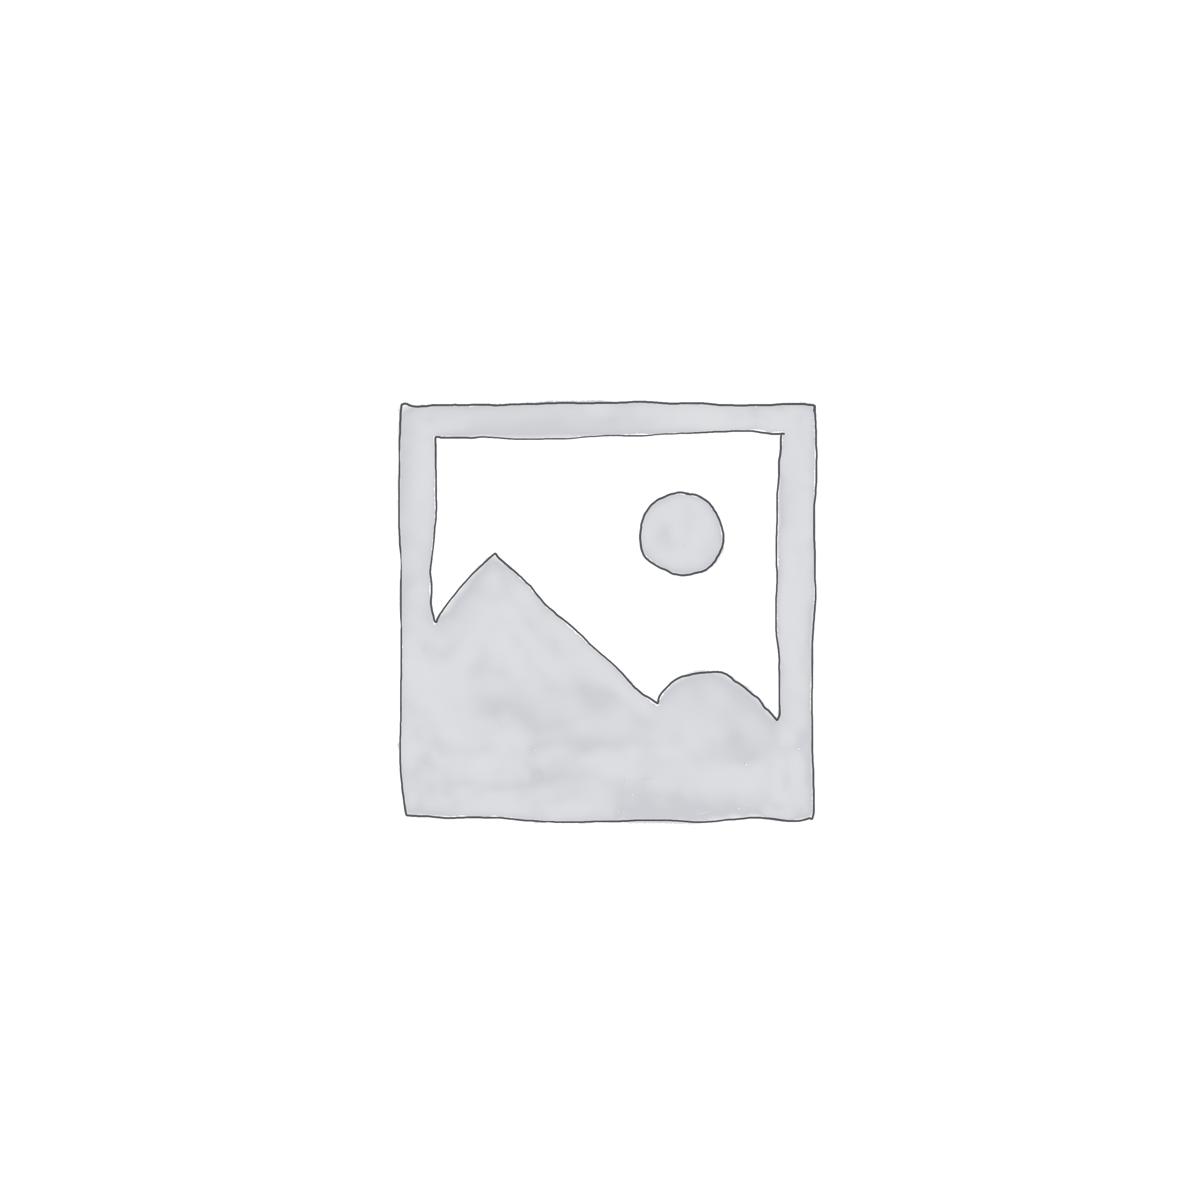 Cute Animal Doodles Wallpaper Mural